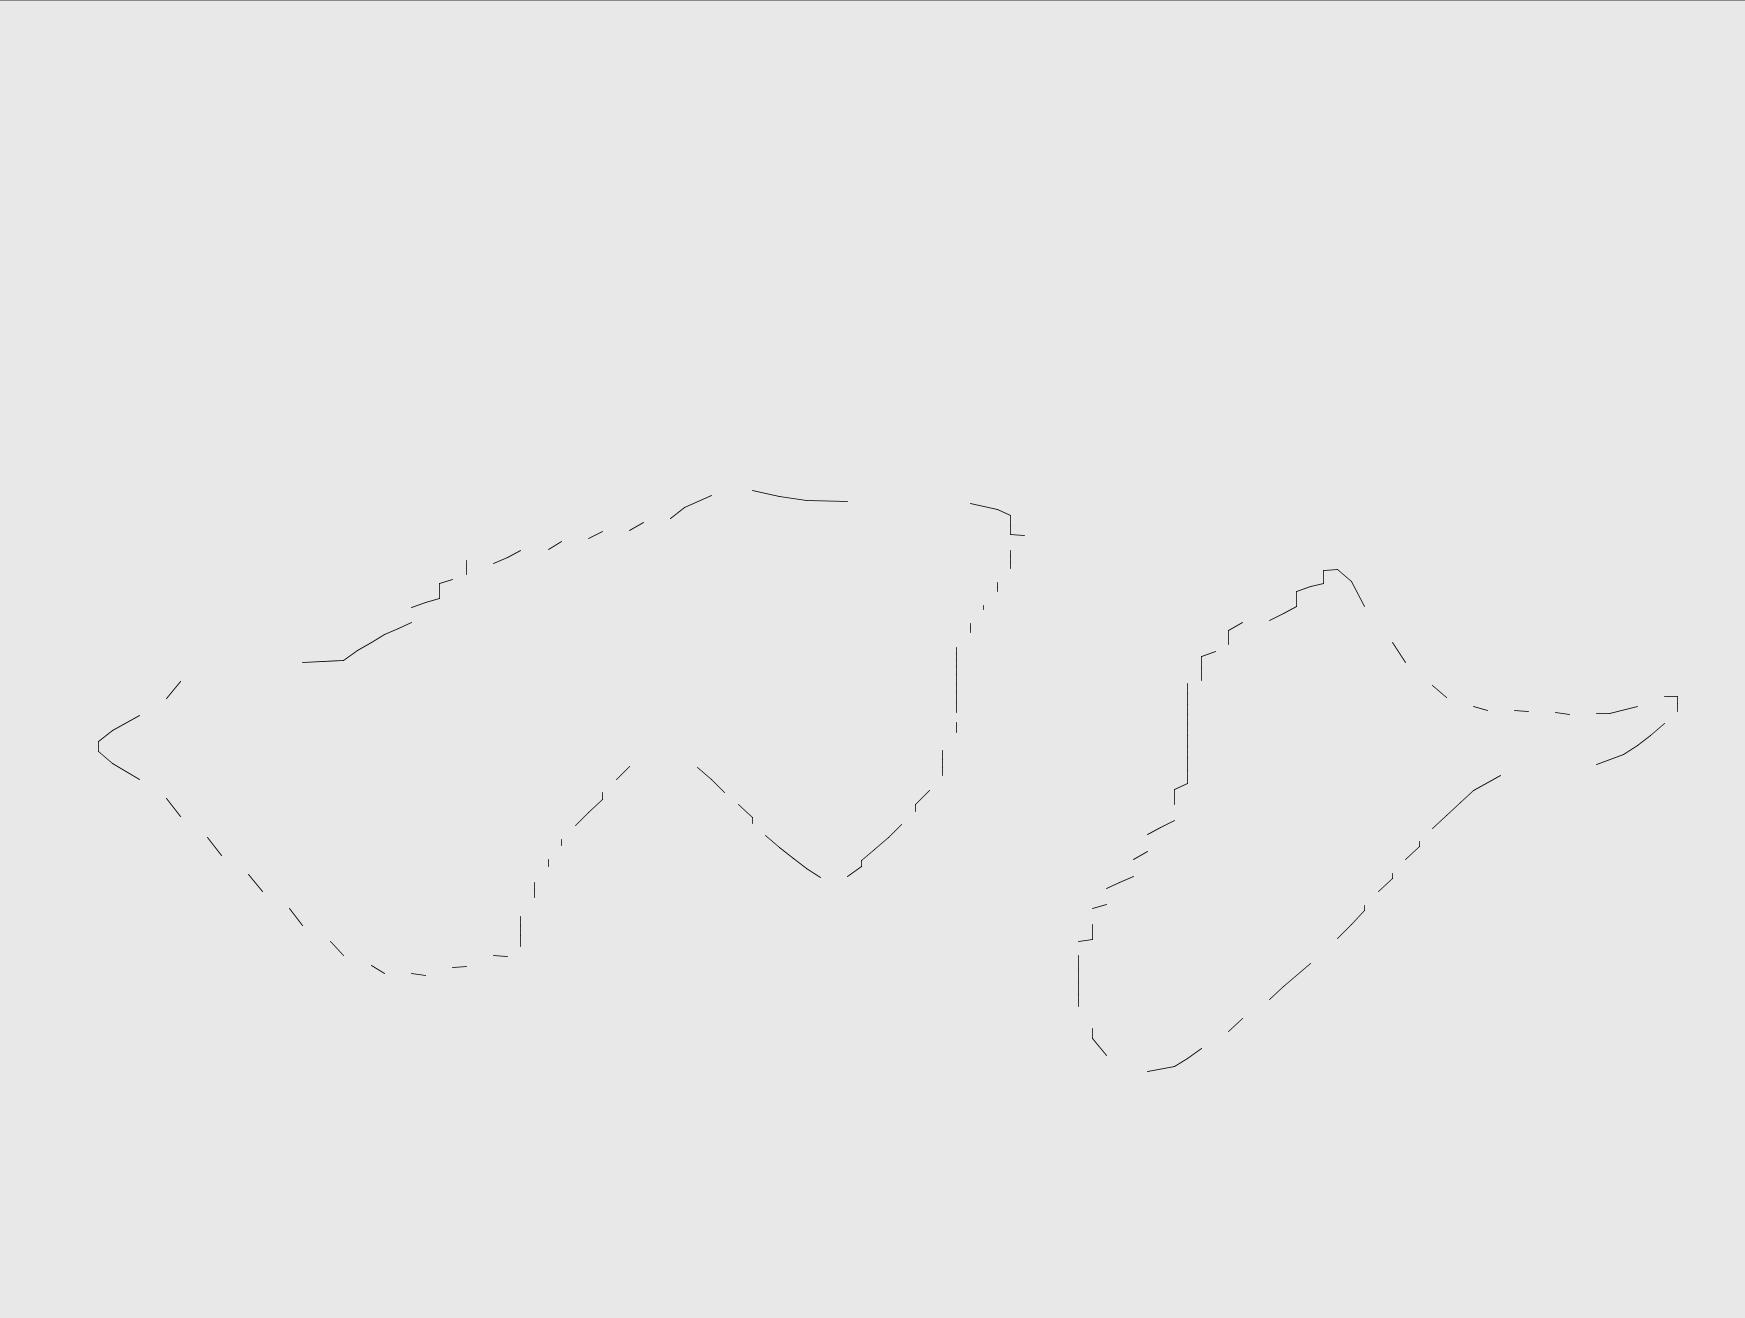 Schermafbeelding_2021-05-14_om_08.50.17